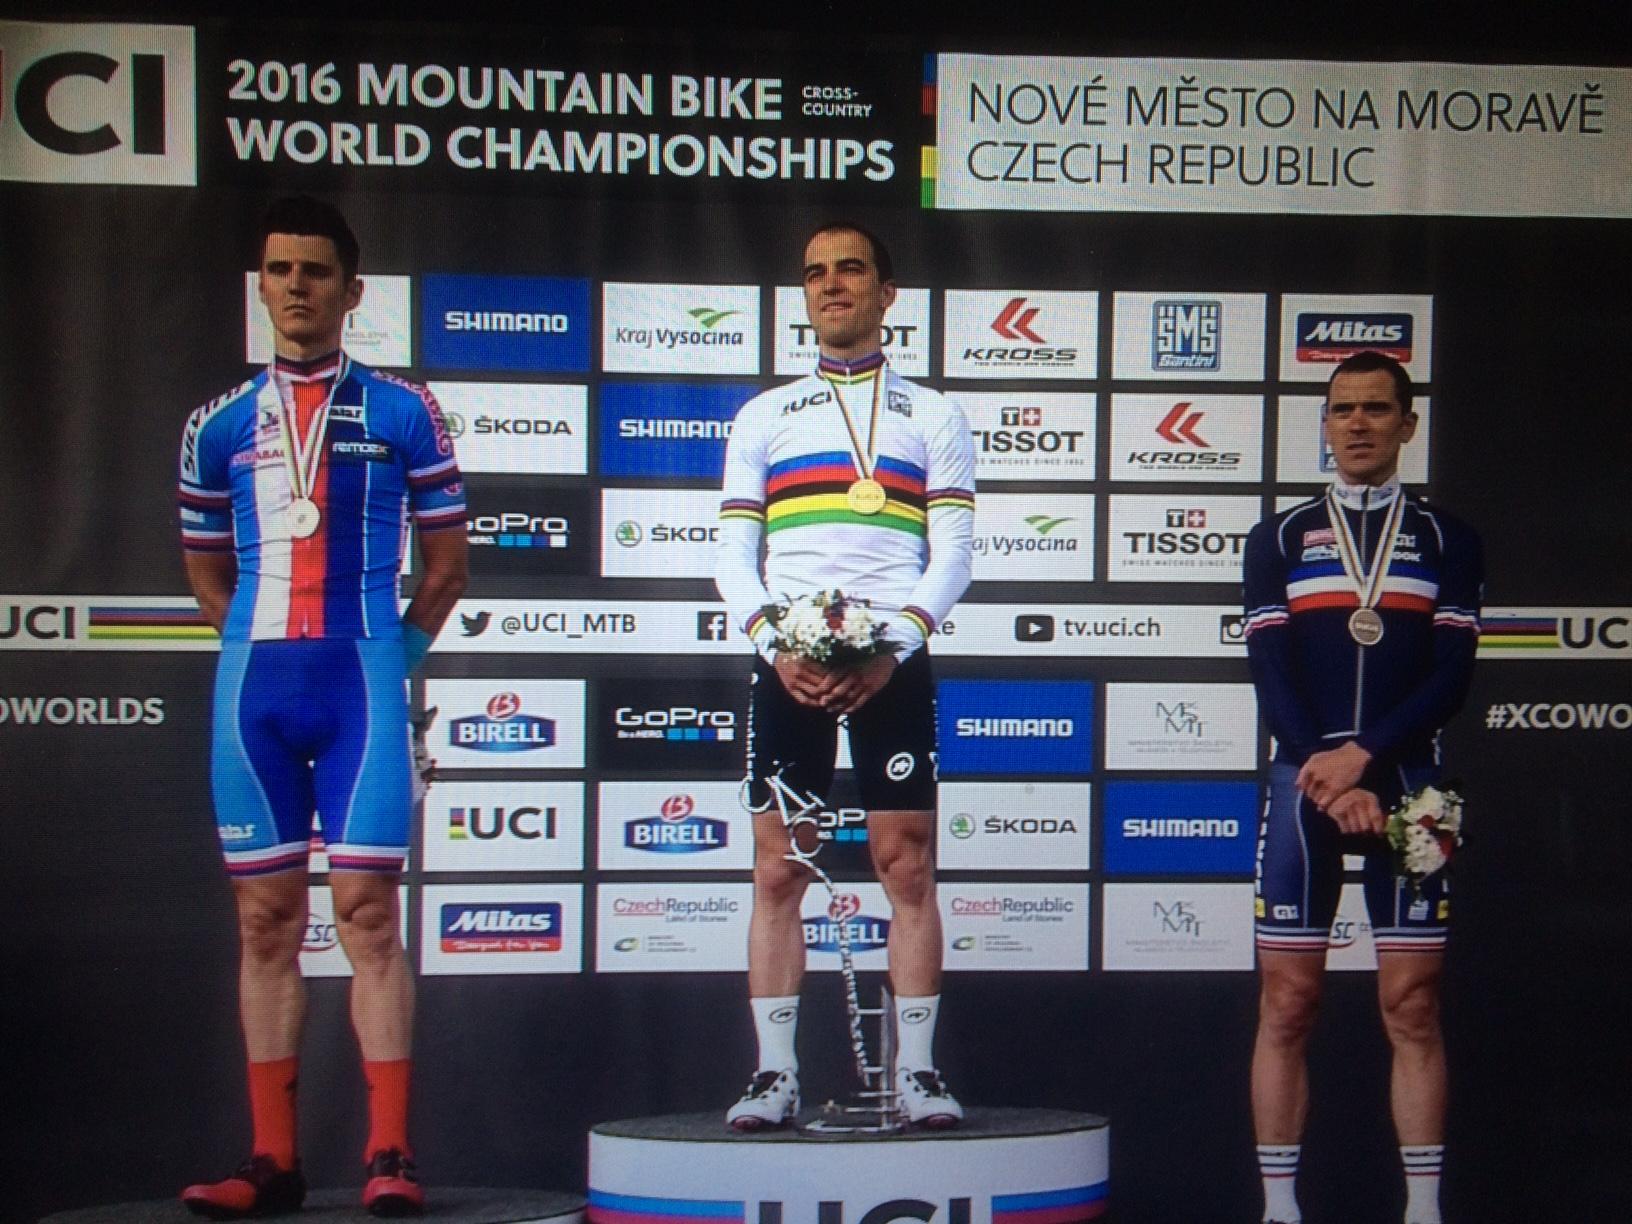 Nino Schurter opnieuw wereldkampioen in Nove Mesto